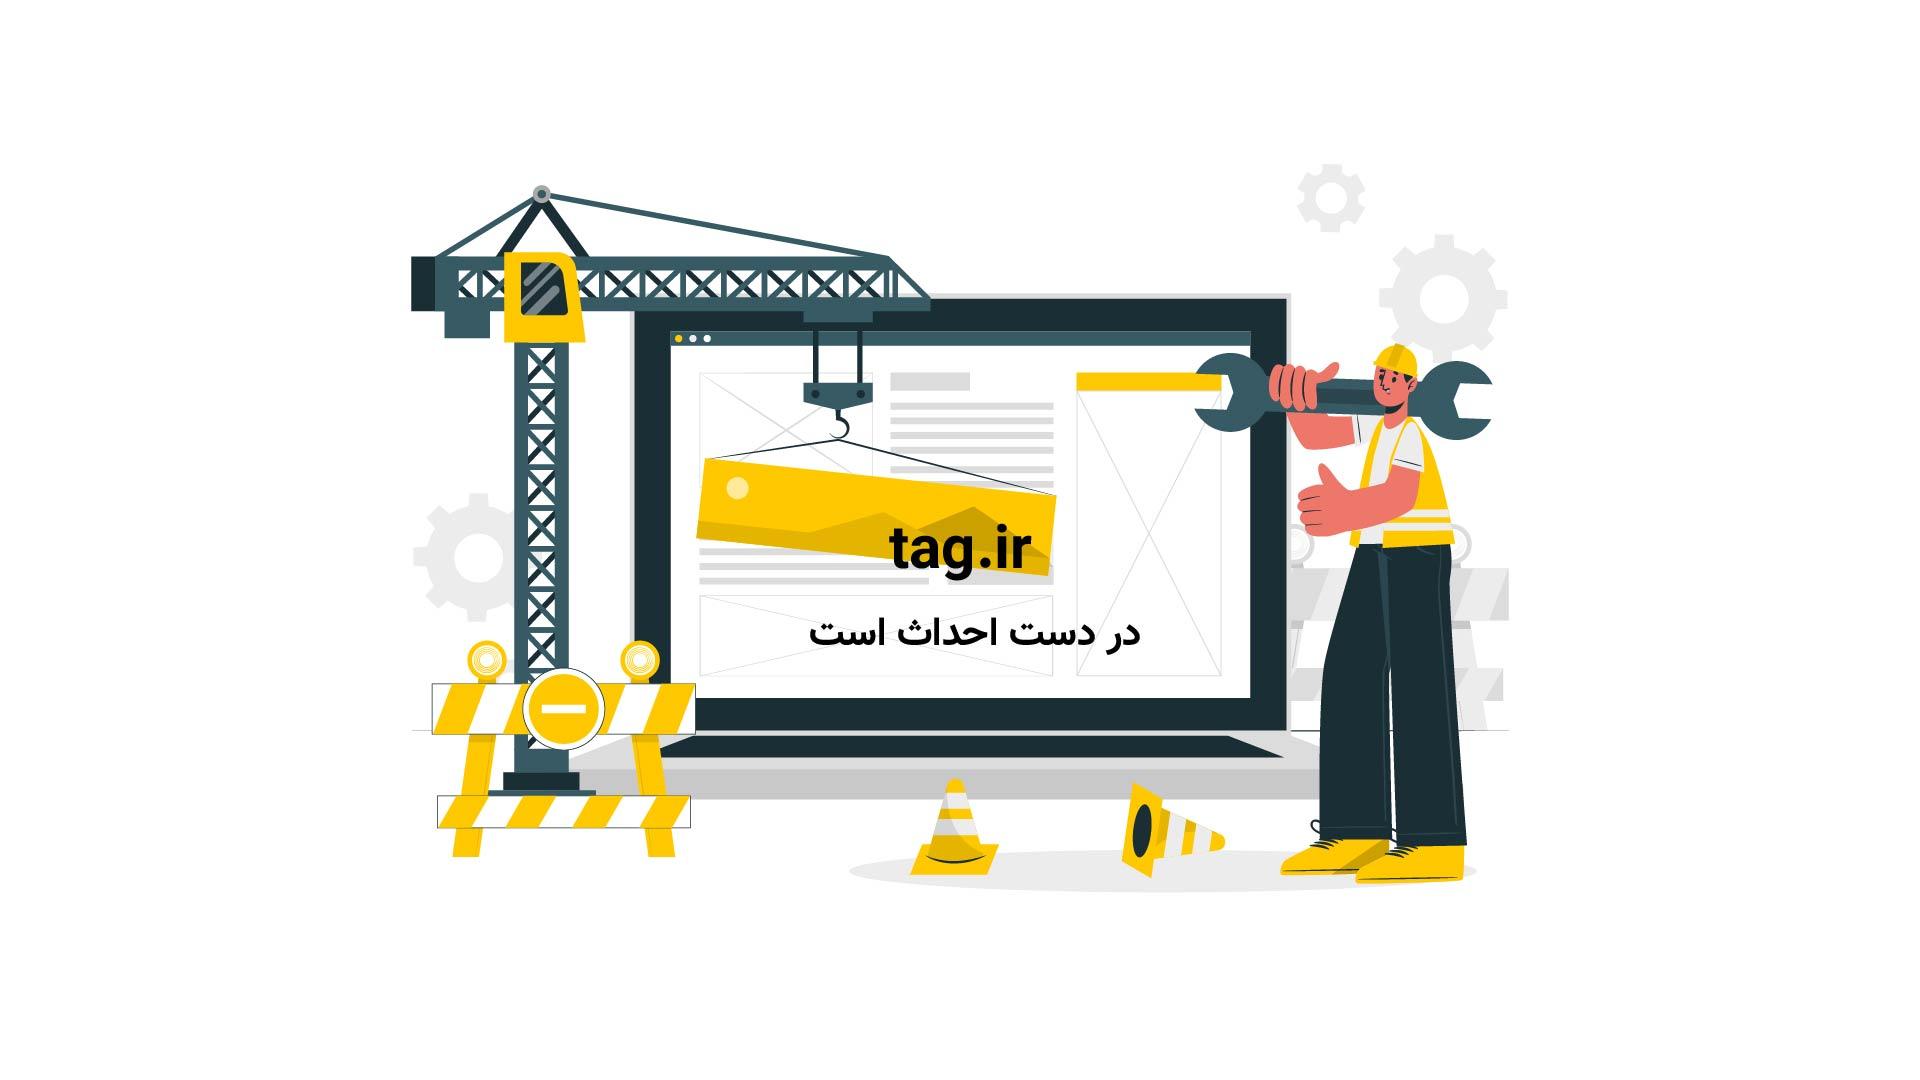 تصاویر زیبا از پاییز جنگل النگدره شهر گرگان | فیلم